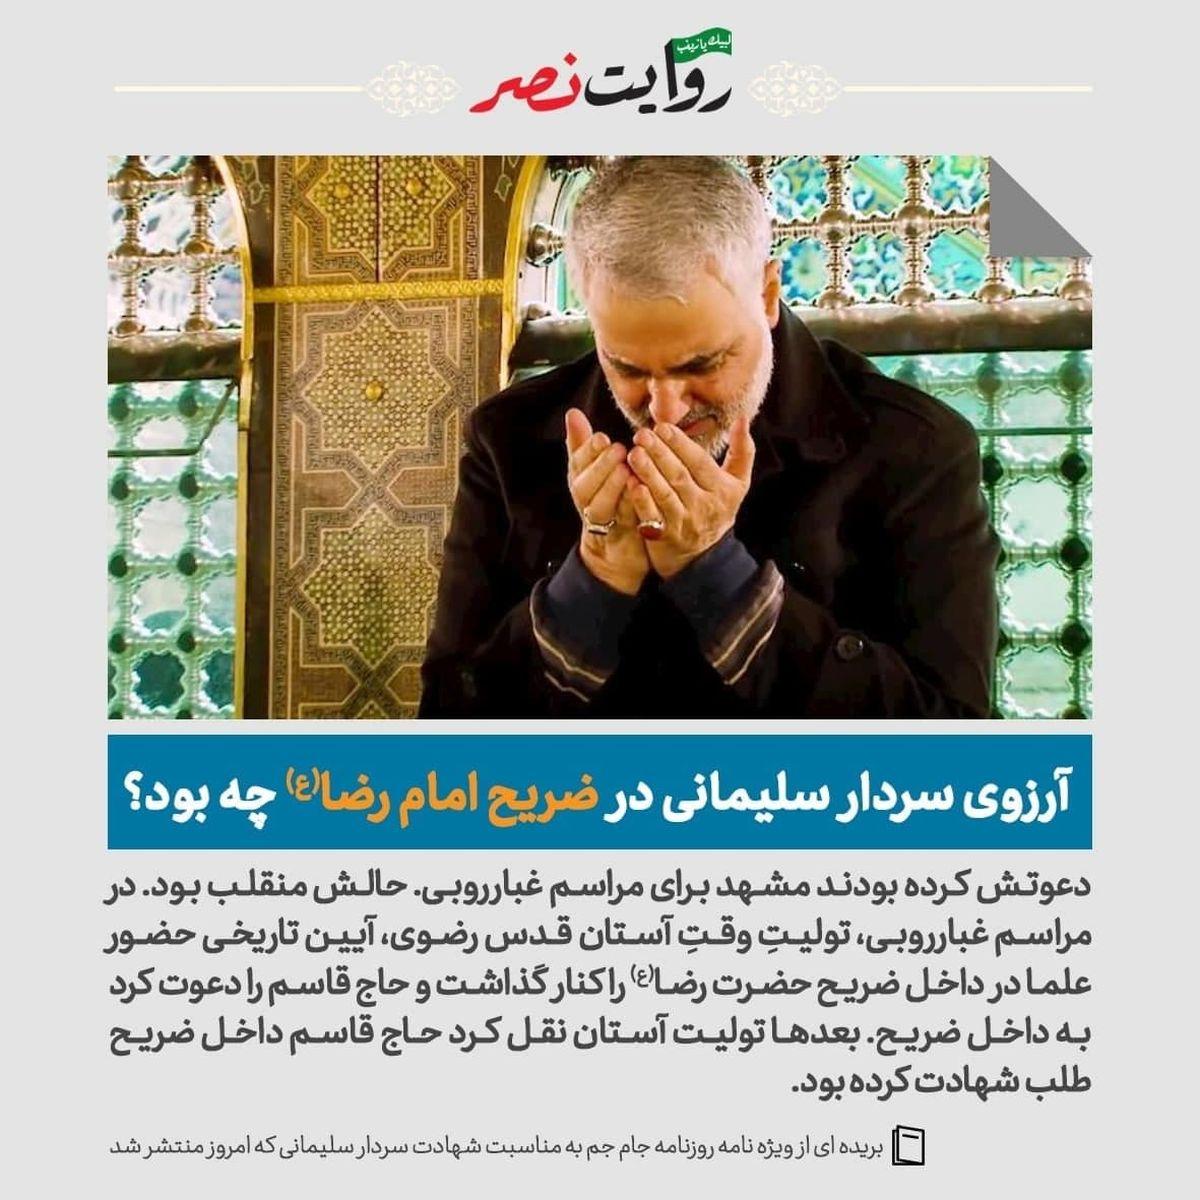 آرزوی سردار سلیمانی در مراسم غبارروبی حرم امام رضا چه بود؟ +عکس